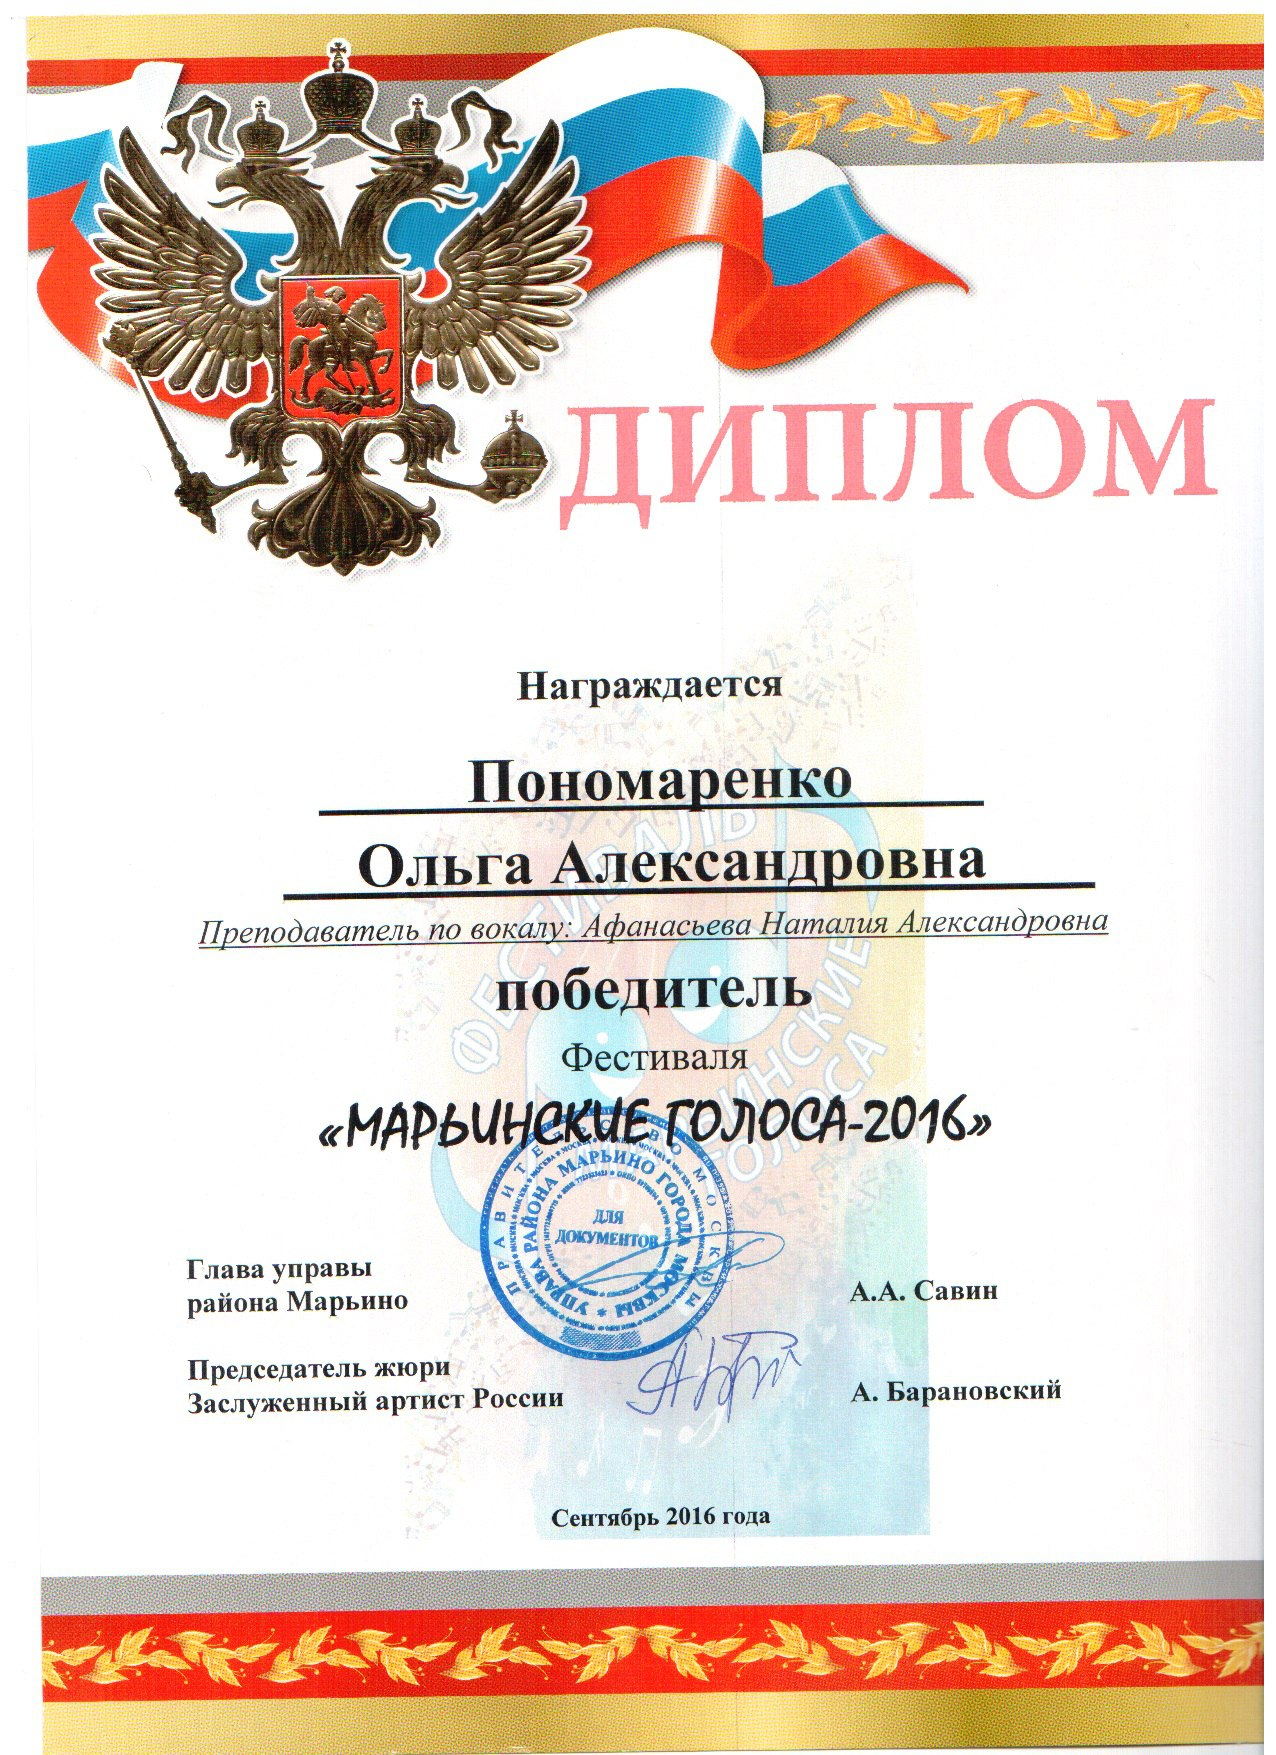 Марьинскин Голоса Пономаренко О